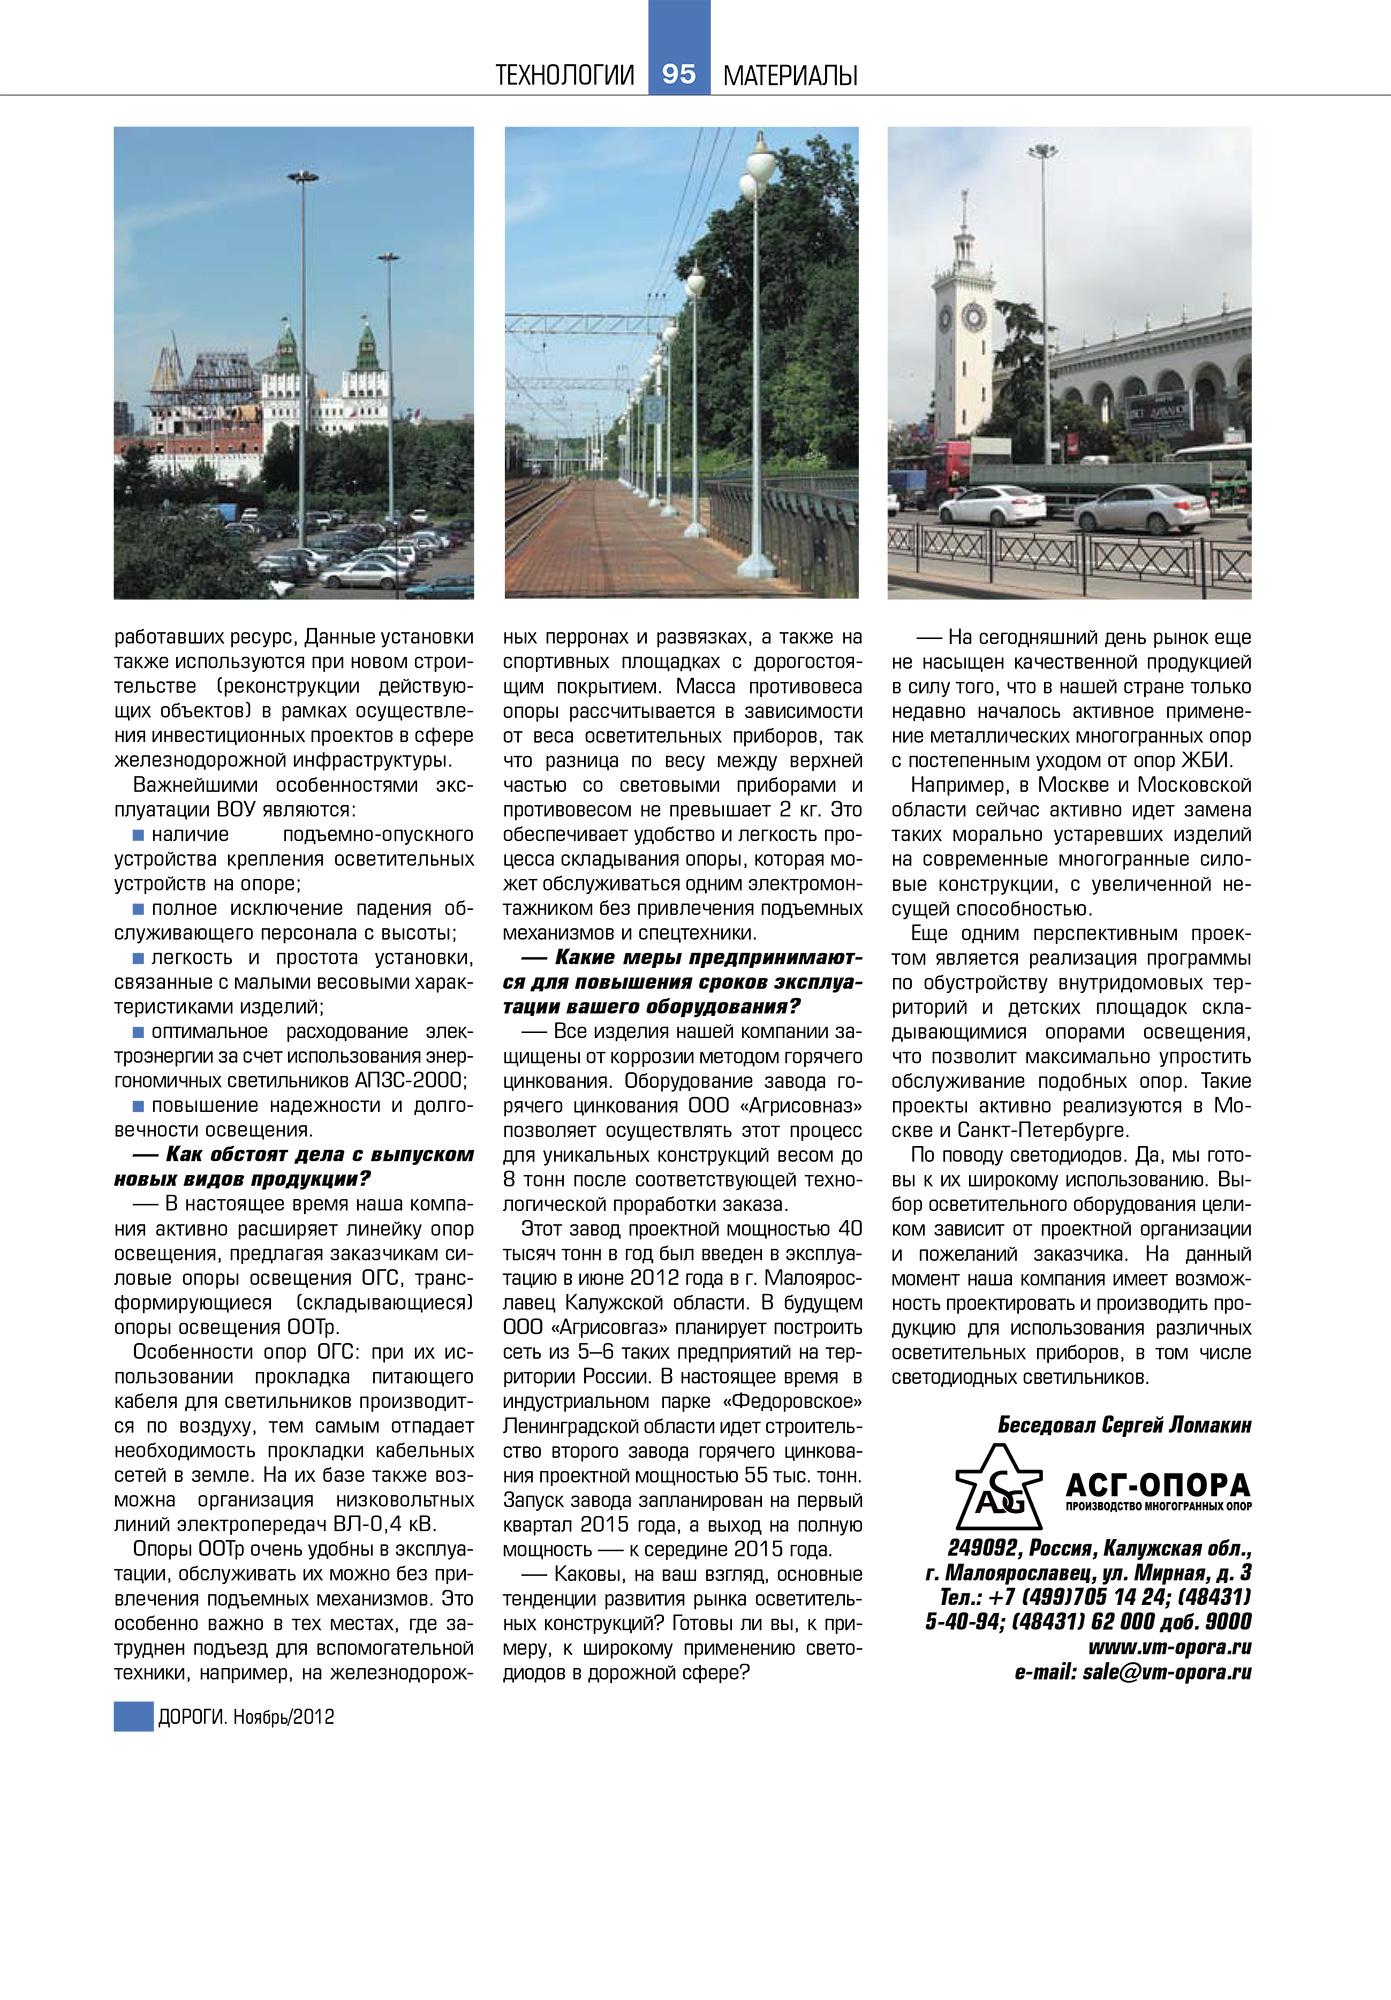 snimok-ekrana-2013-01-22-v-15-58-20